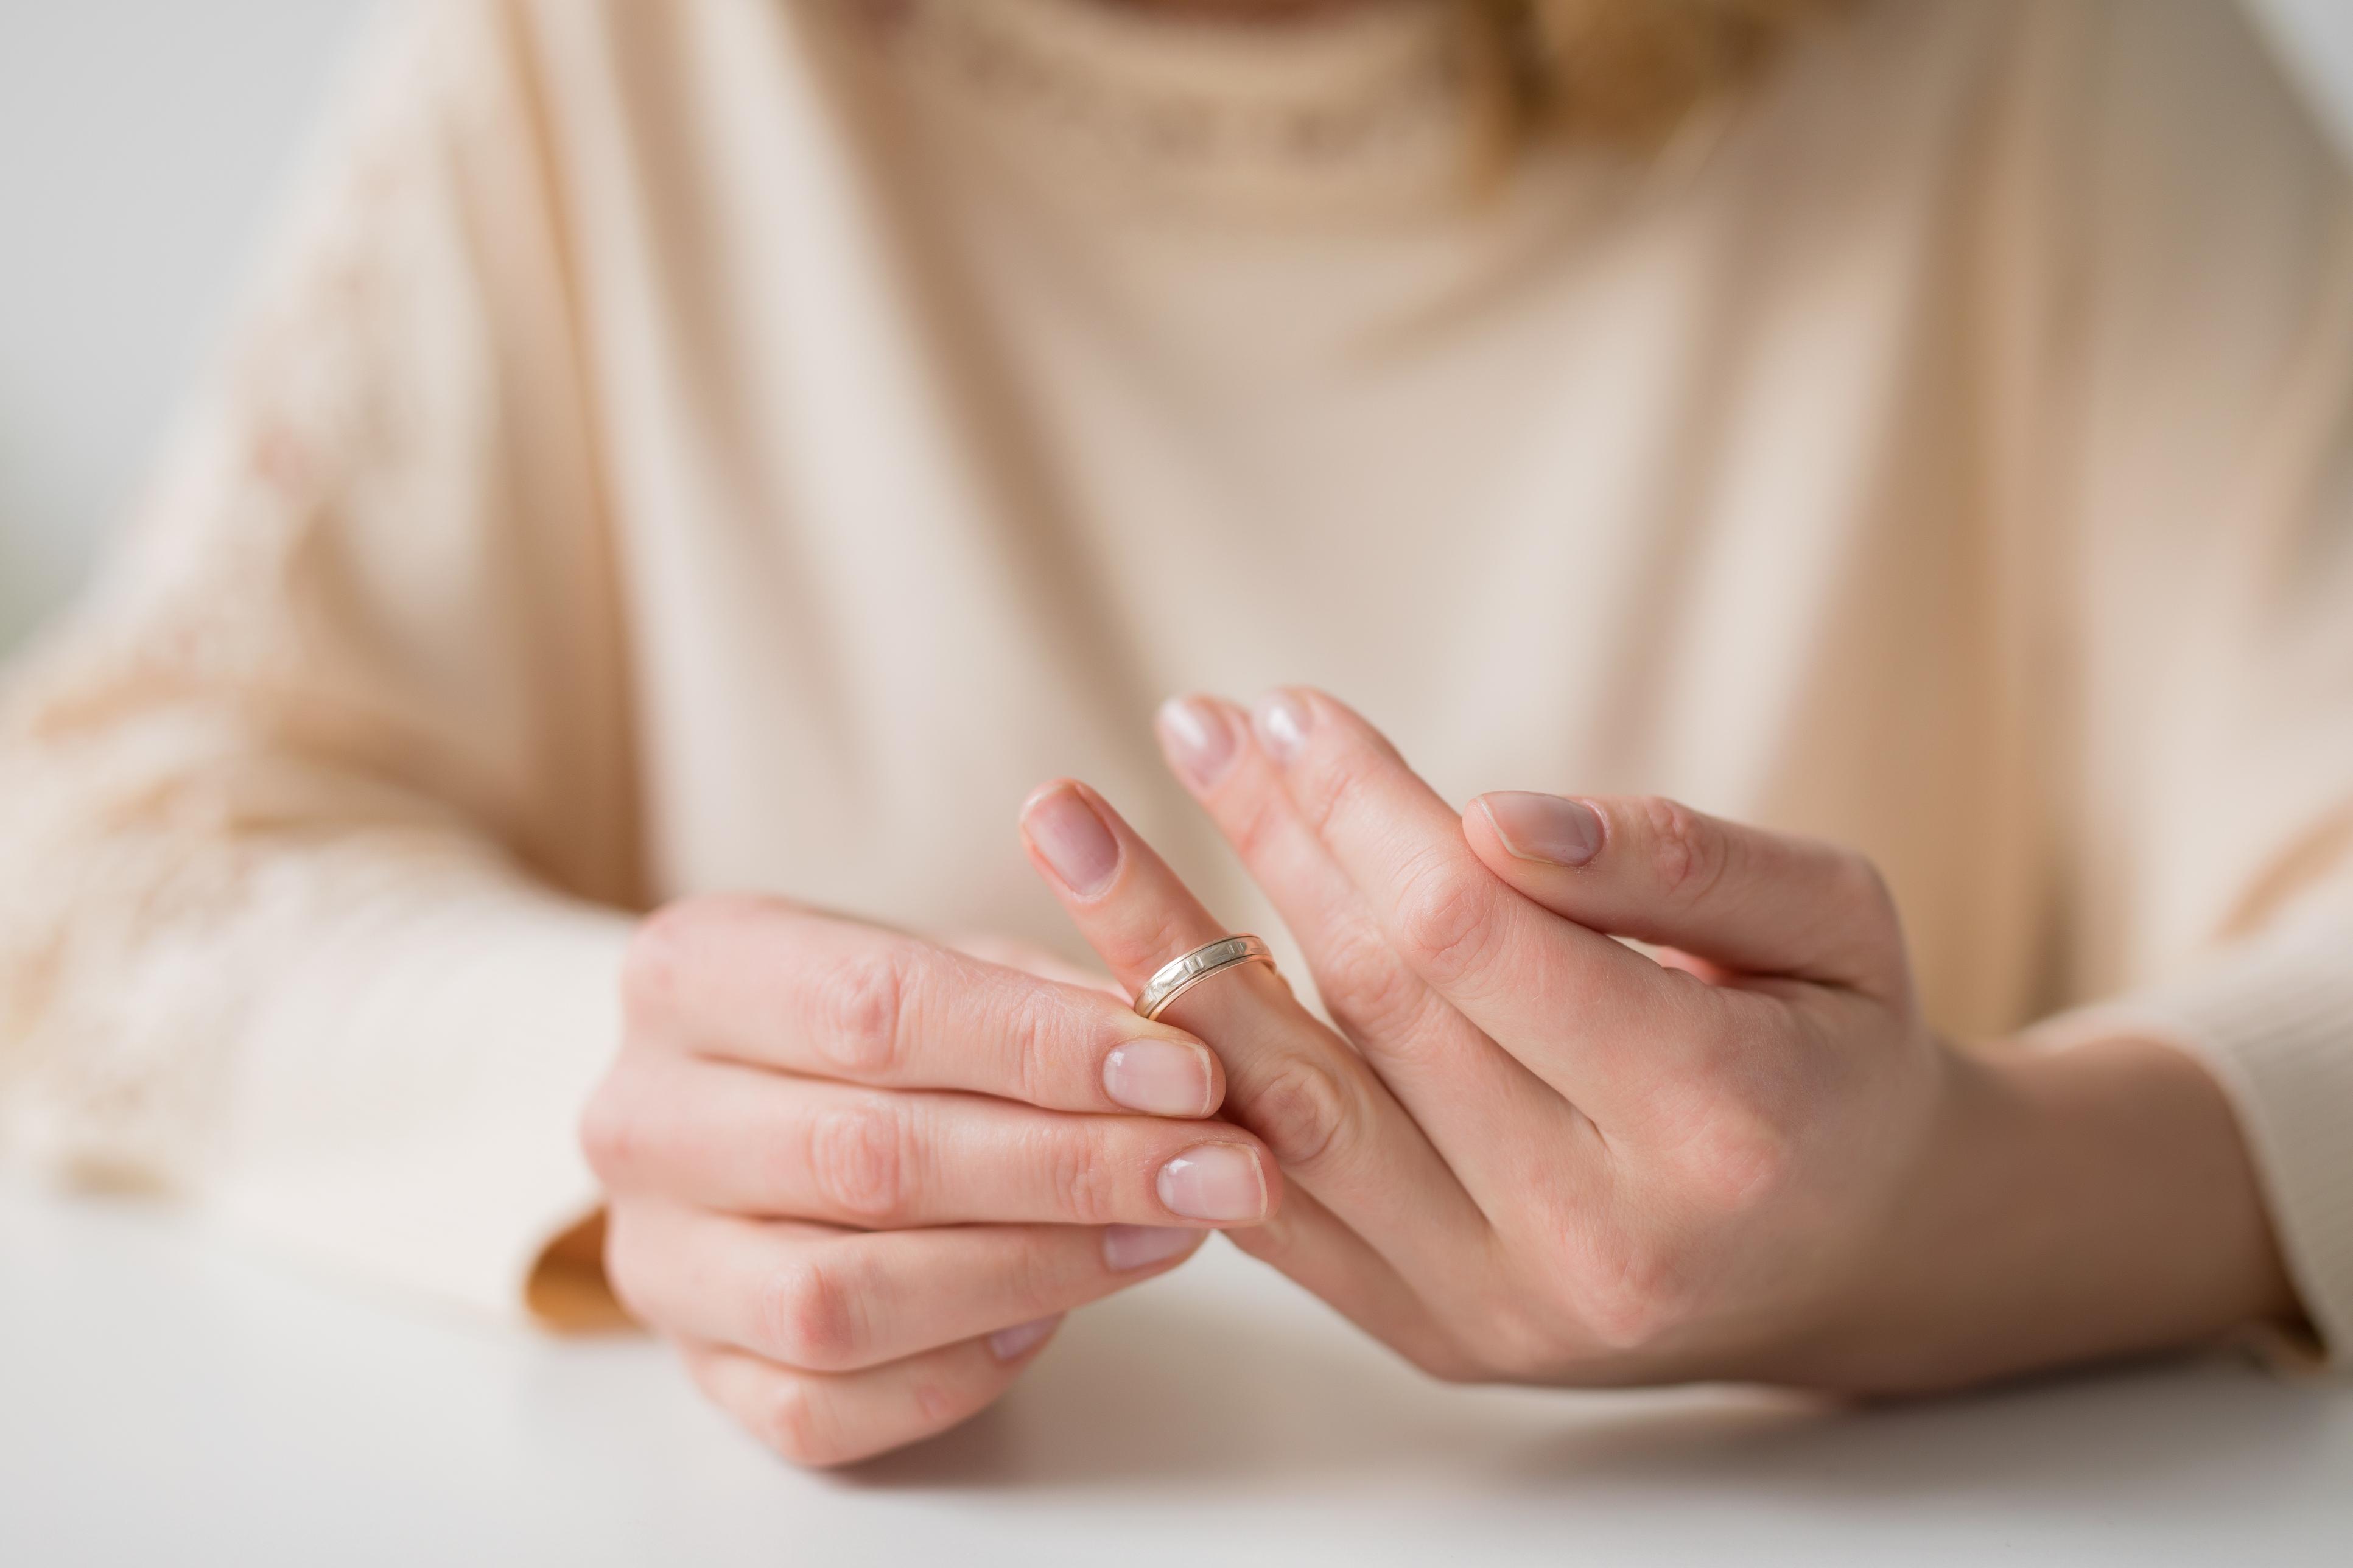 5 ознак, що вашим відносинам потрібен розлучення